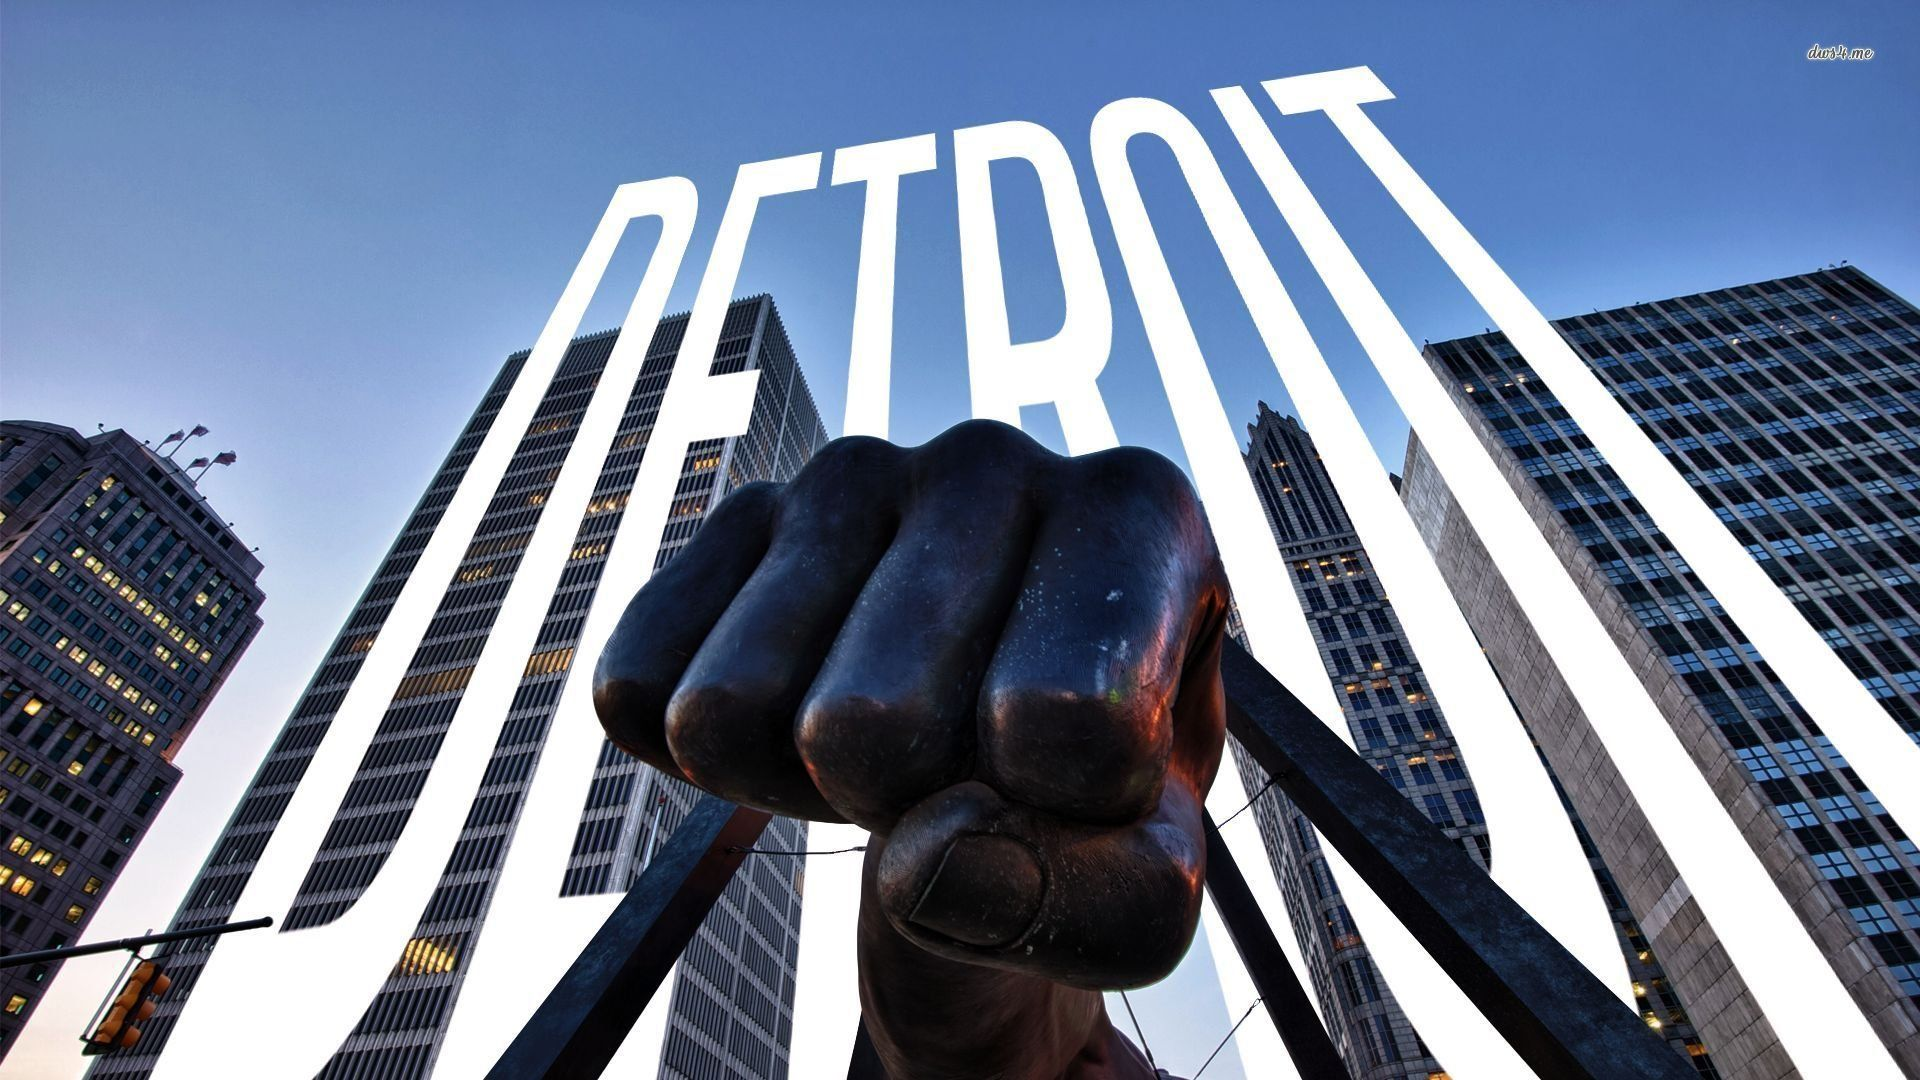 Monument To Joe Louis Detroit Wallpaper Michigan Usa Joe Louis Detroit